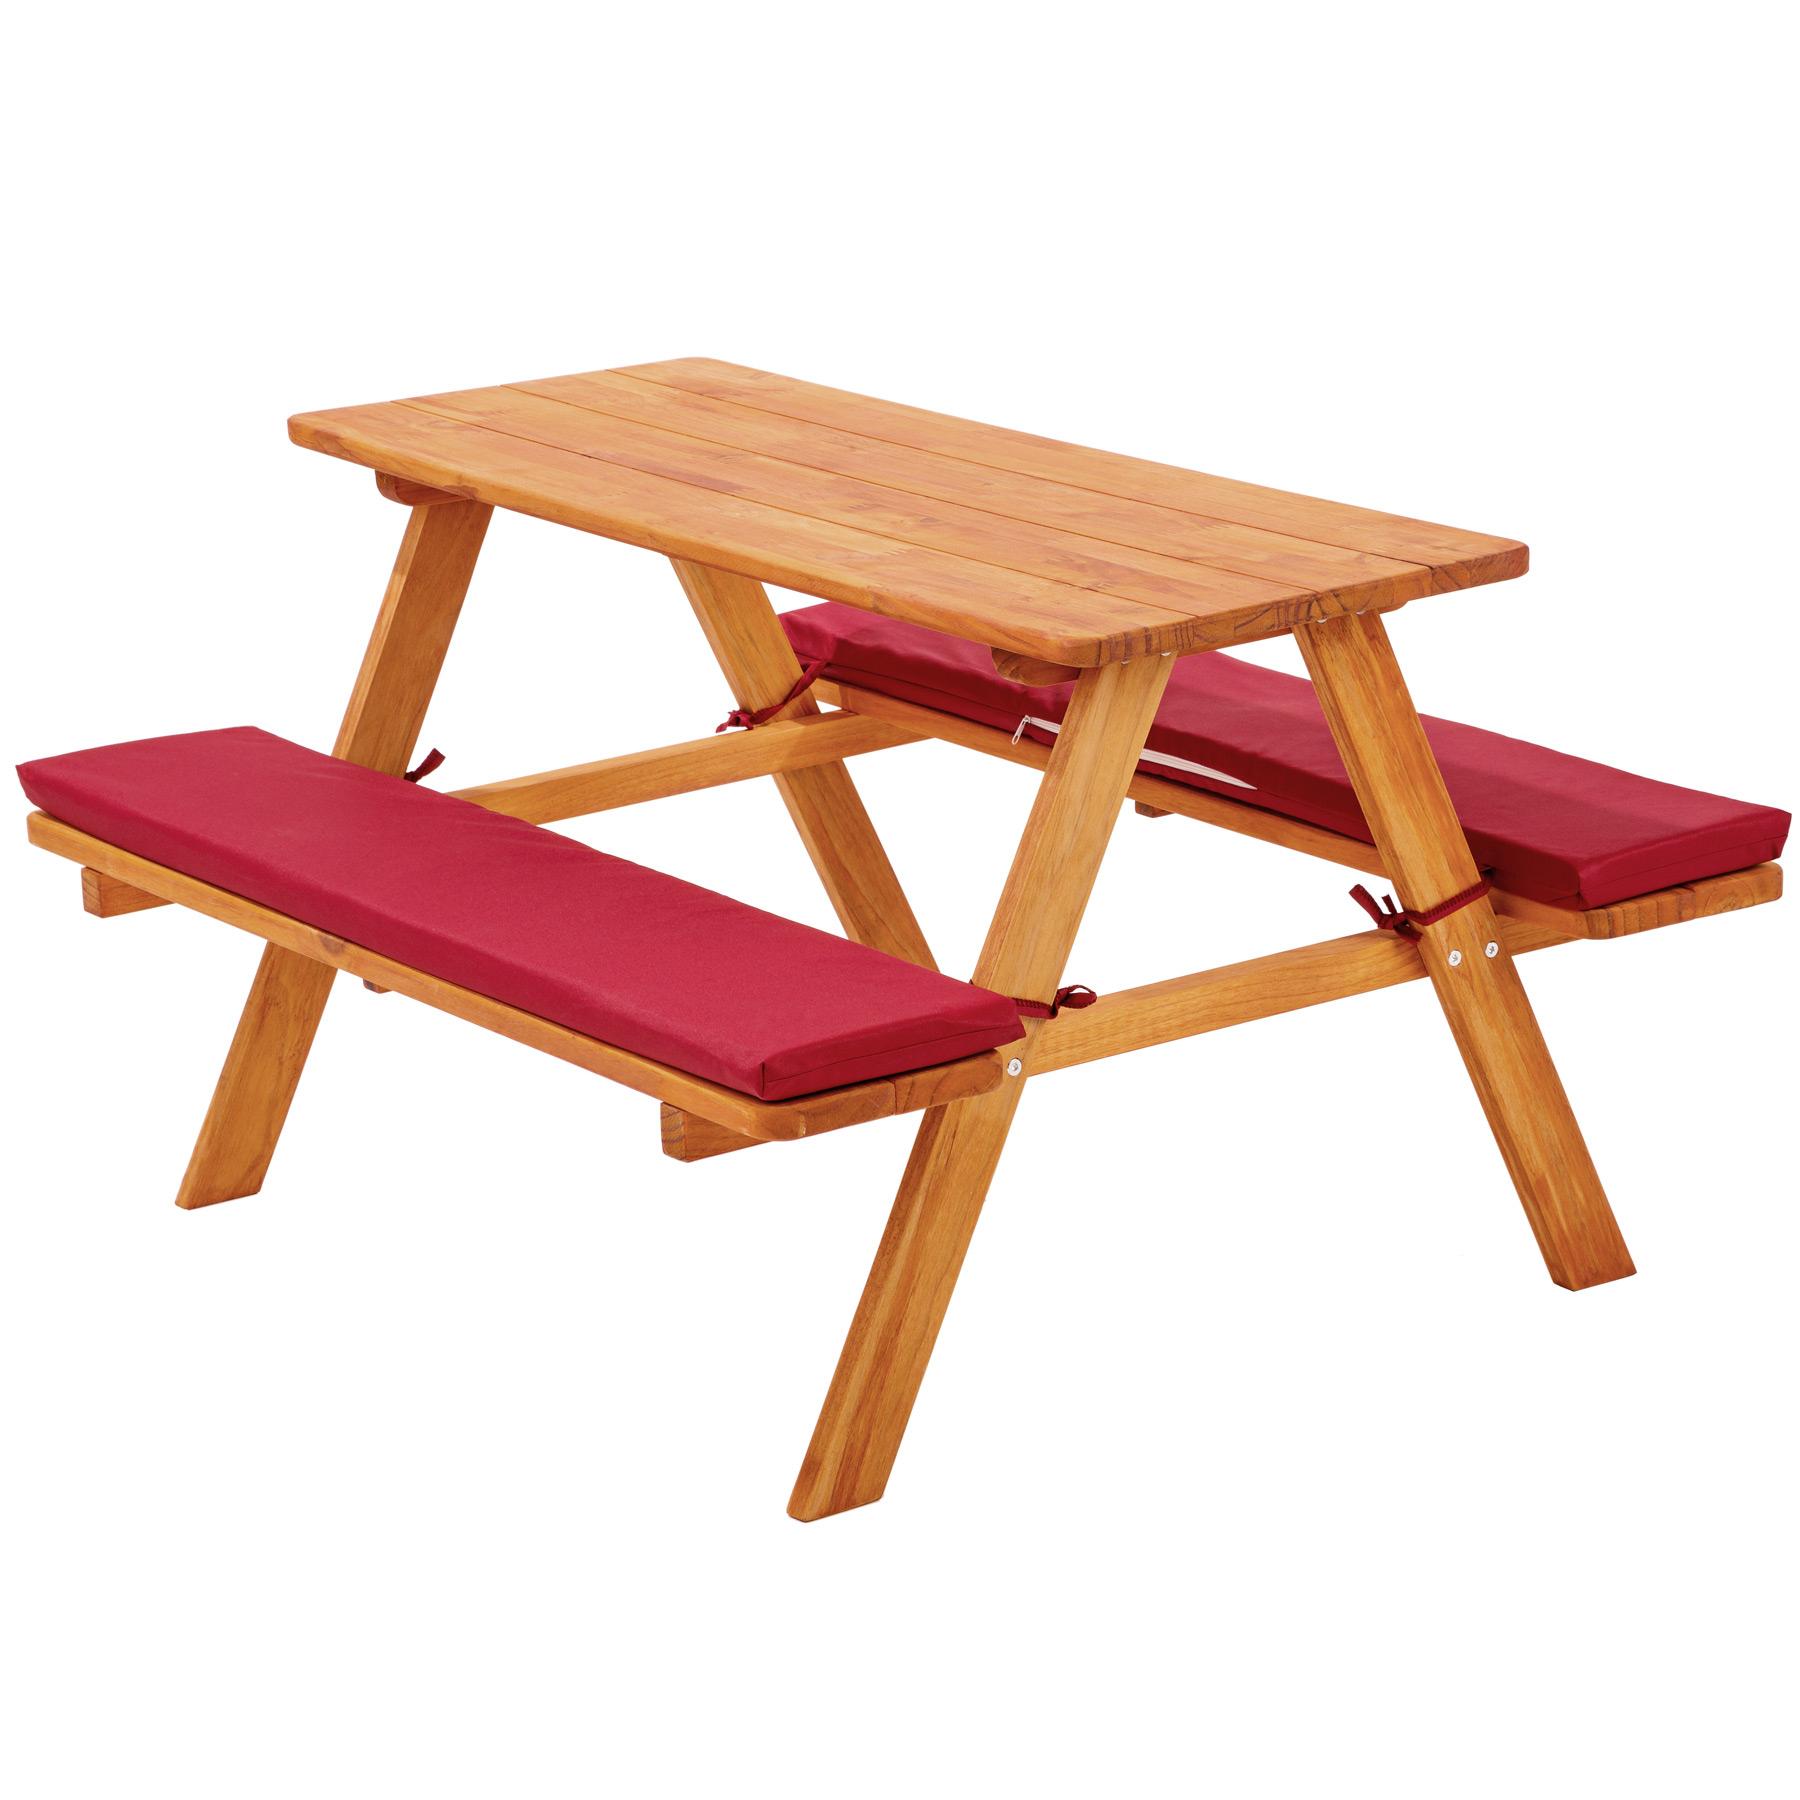 Détails Sur Table Bancs De Pique-Nique Meubles Enfants Bois Jardin Avec  Coussins Rouge pour Table Jardin Bois Enfant